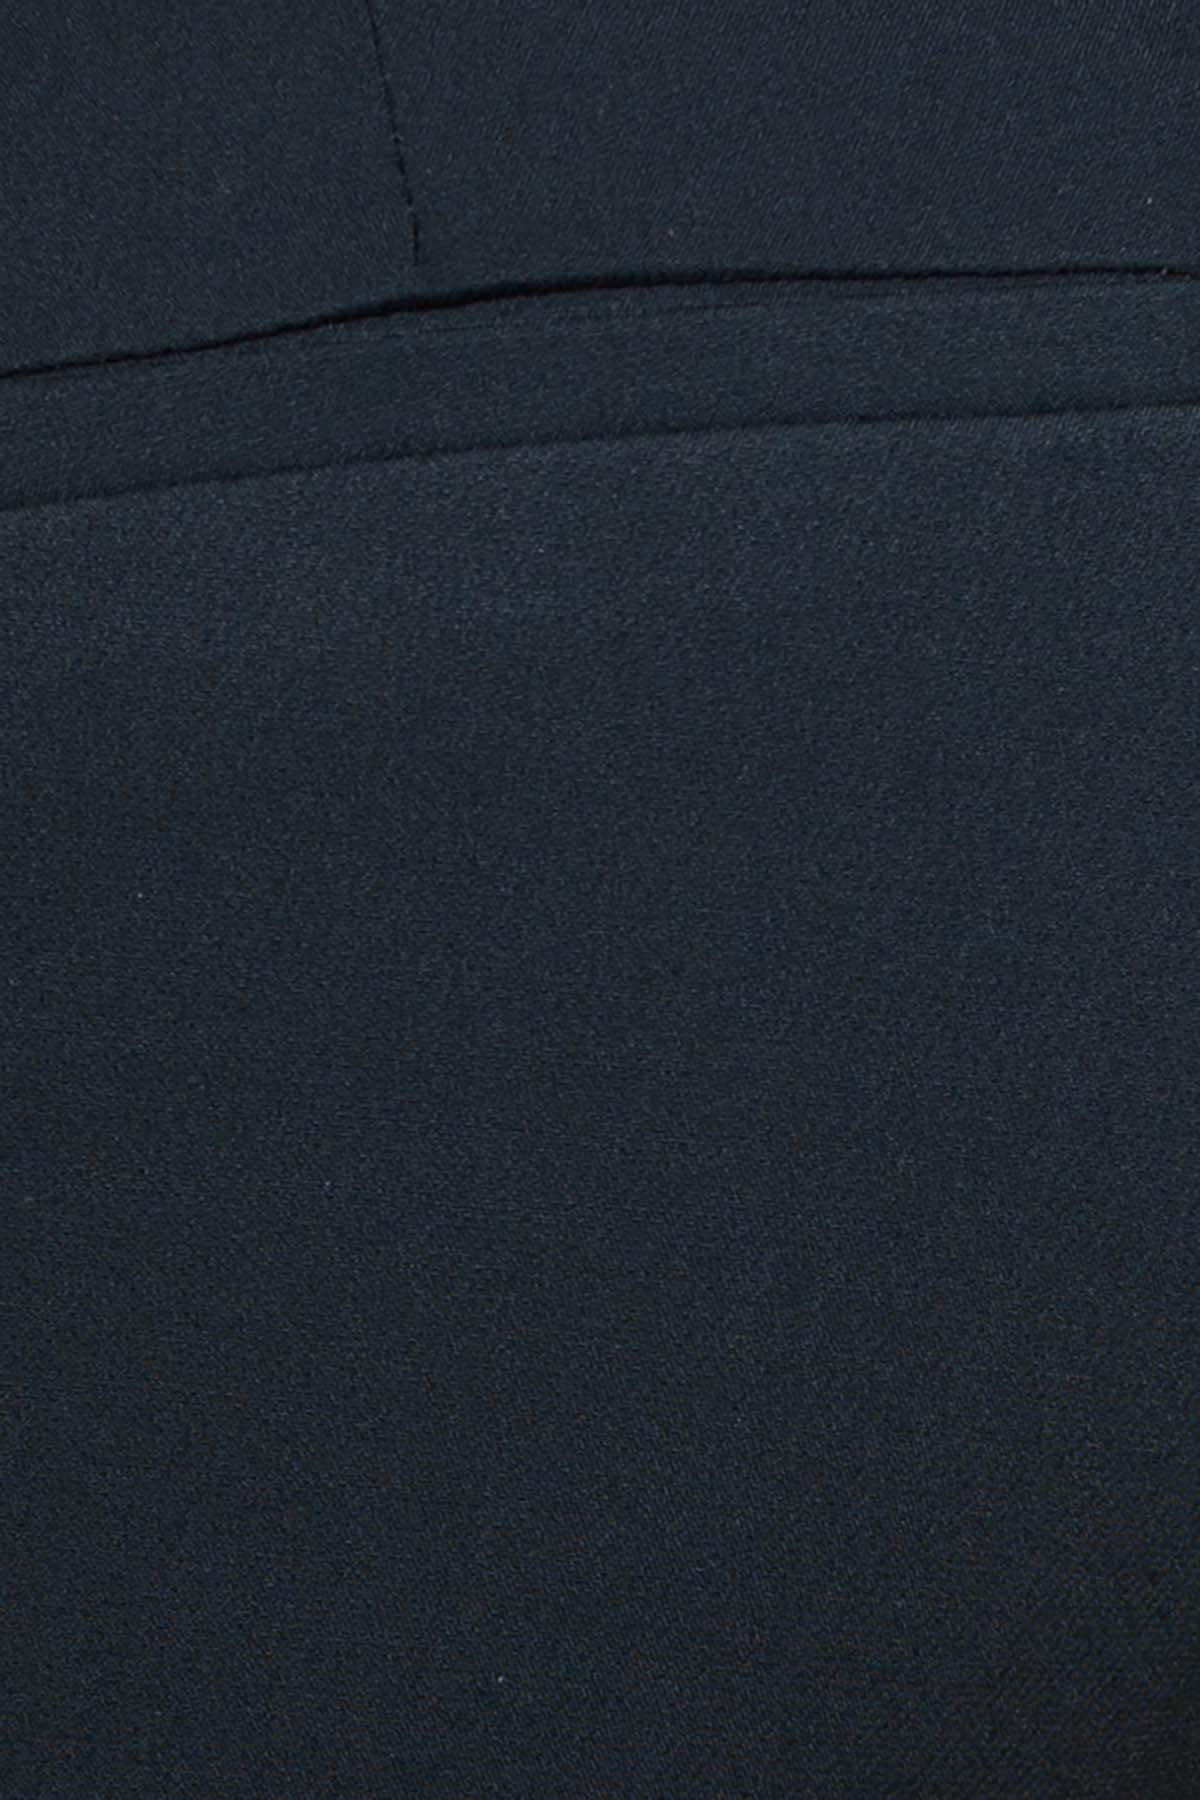 Базовые брюки со стрелками Эдвин 2467 АРТ. 17364 Цвет: Темно-зеленый - фото 5, интернет магазин tm-modus.ru